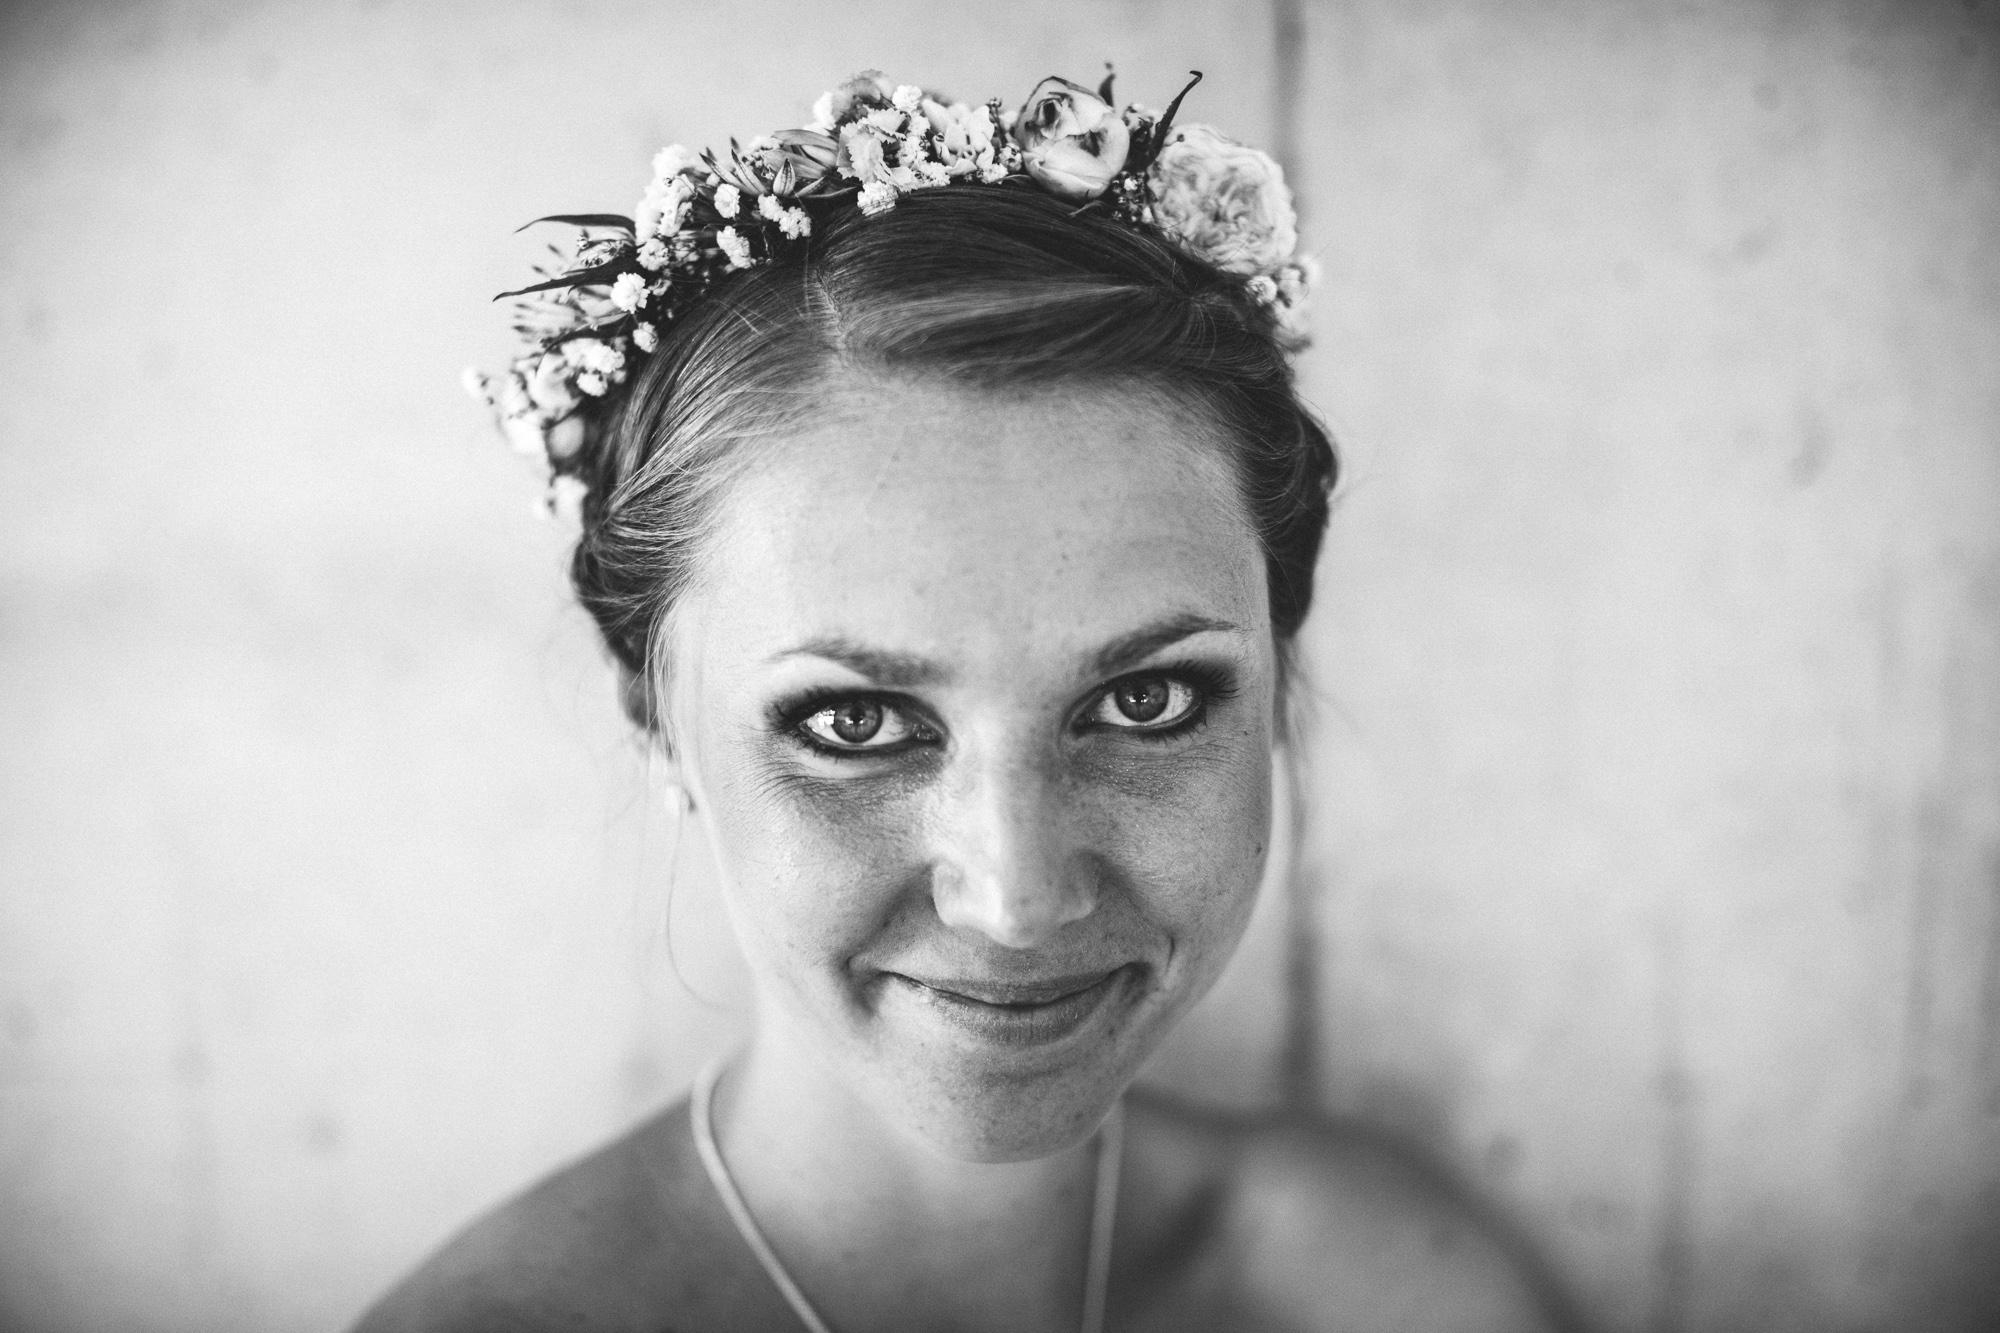 annethomas 031 - Hochzeit im wunderschönen Ladenburg in Eichenstolz